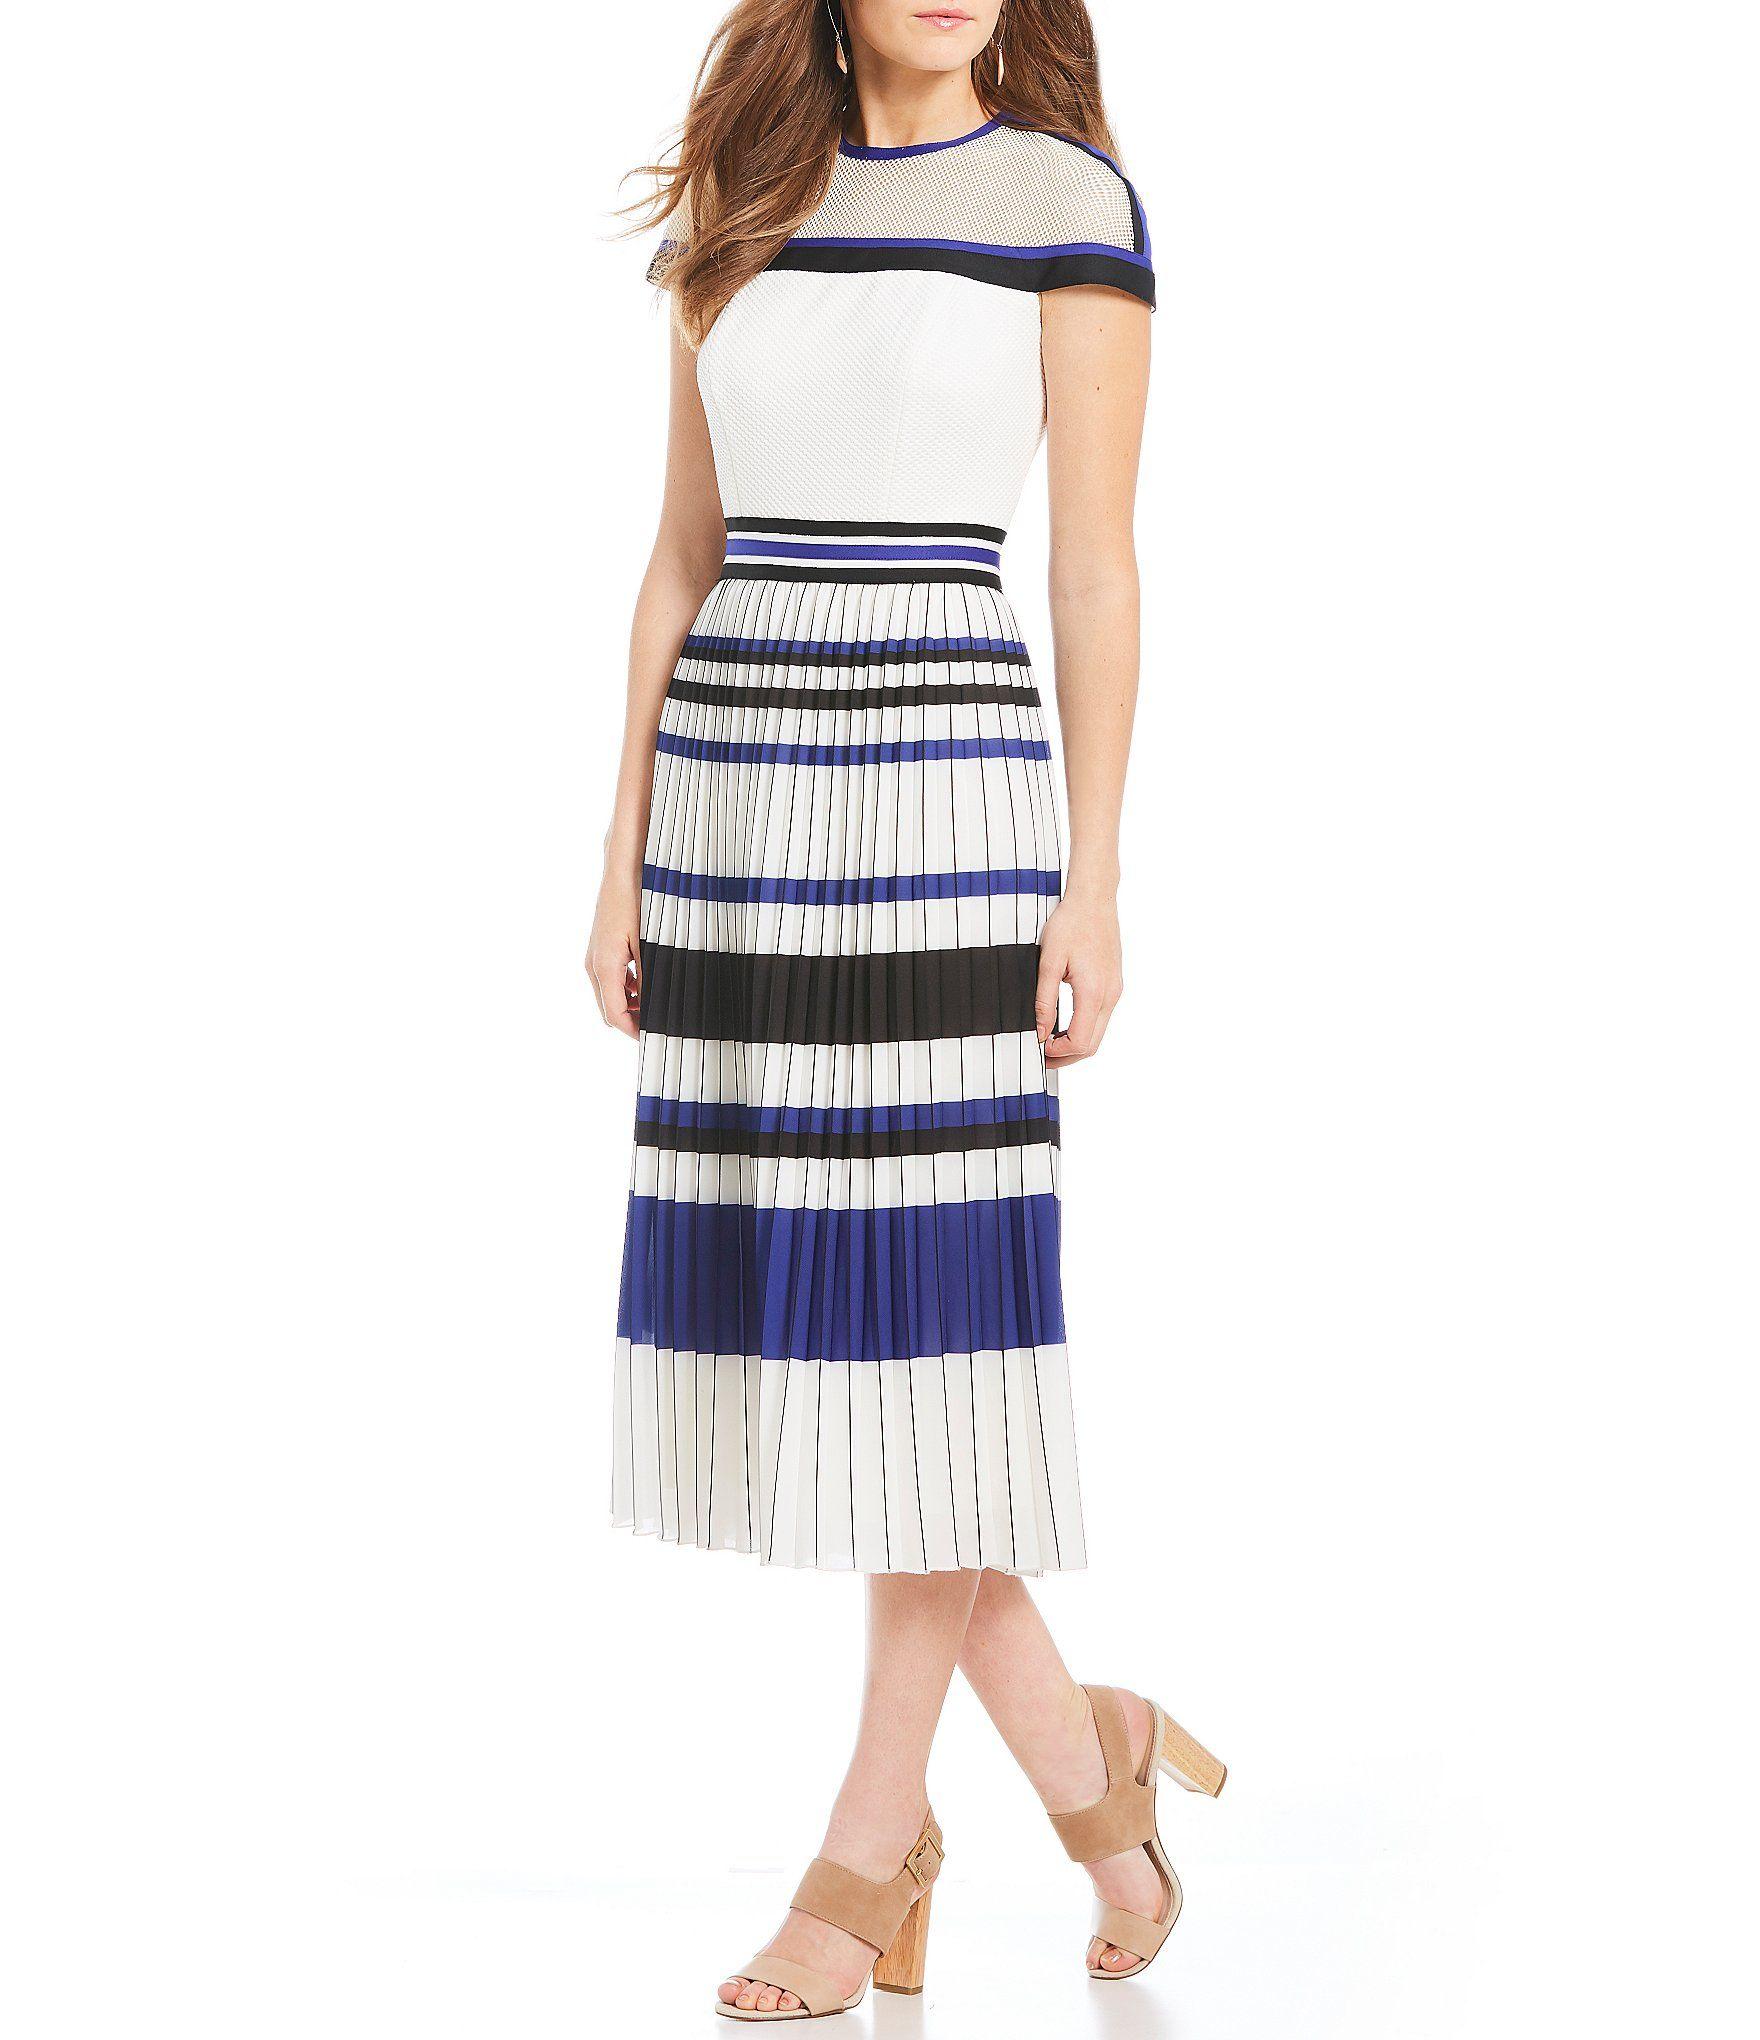 Tadashi Shoji Striped Pleated Midi Dress Dillards Dresses Pleated Dress Casual Dresses [ 2040 x 1760 Pixel ]